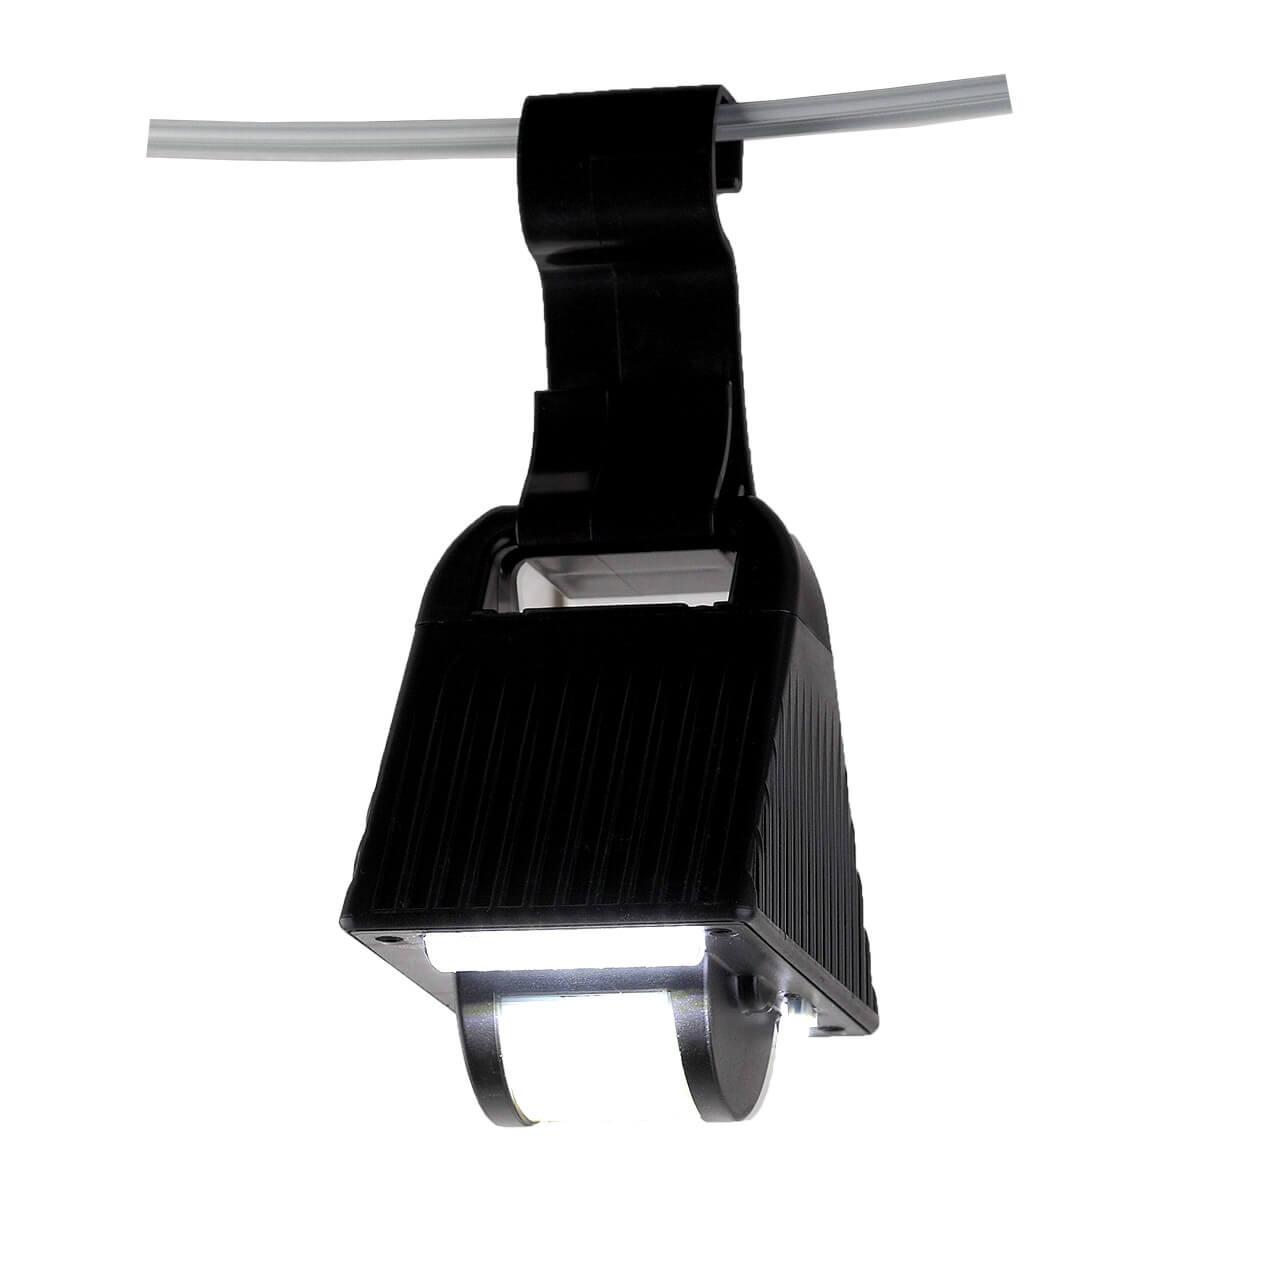 Подвесной светильник с датчиком движения, на солнечной